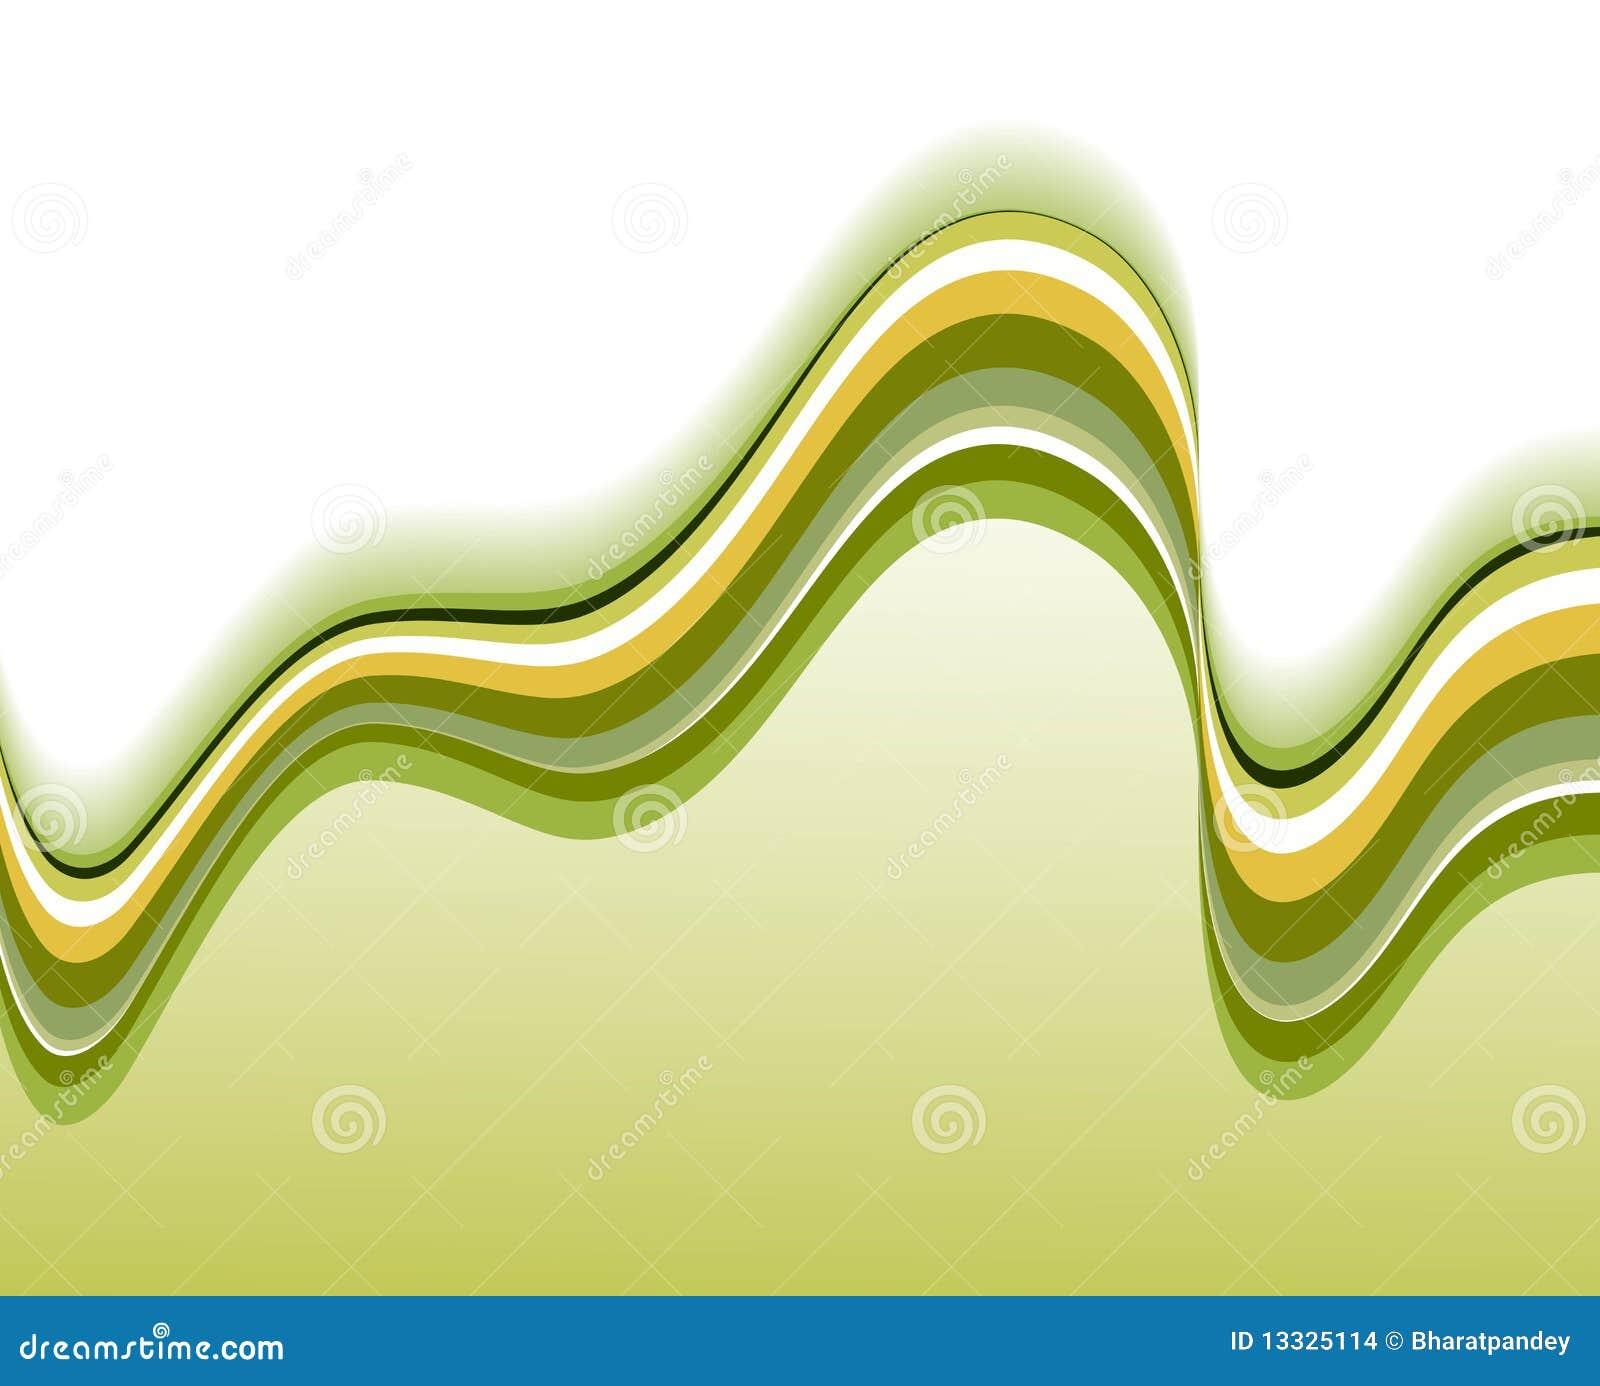 Abstrakcjonistycznego tła zielona fala